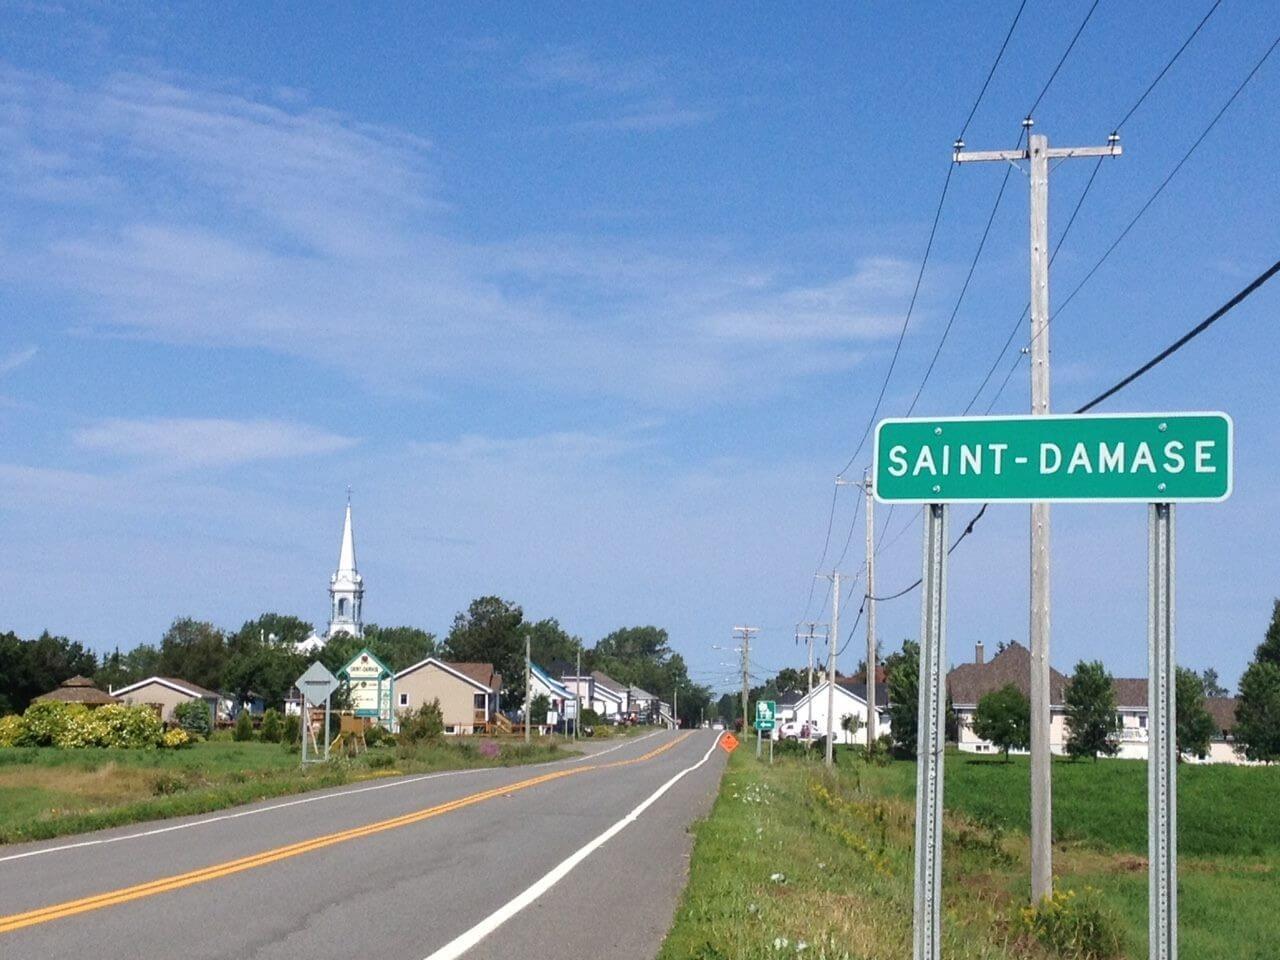 saint-damase